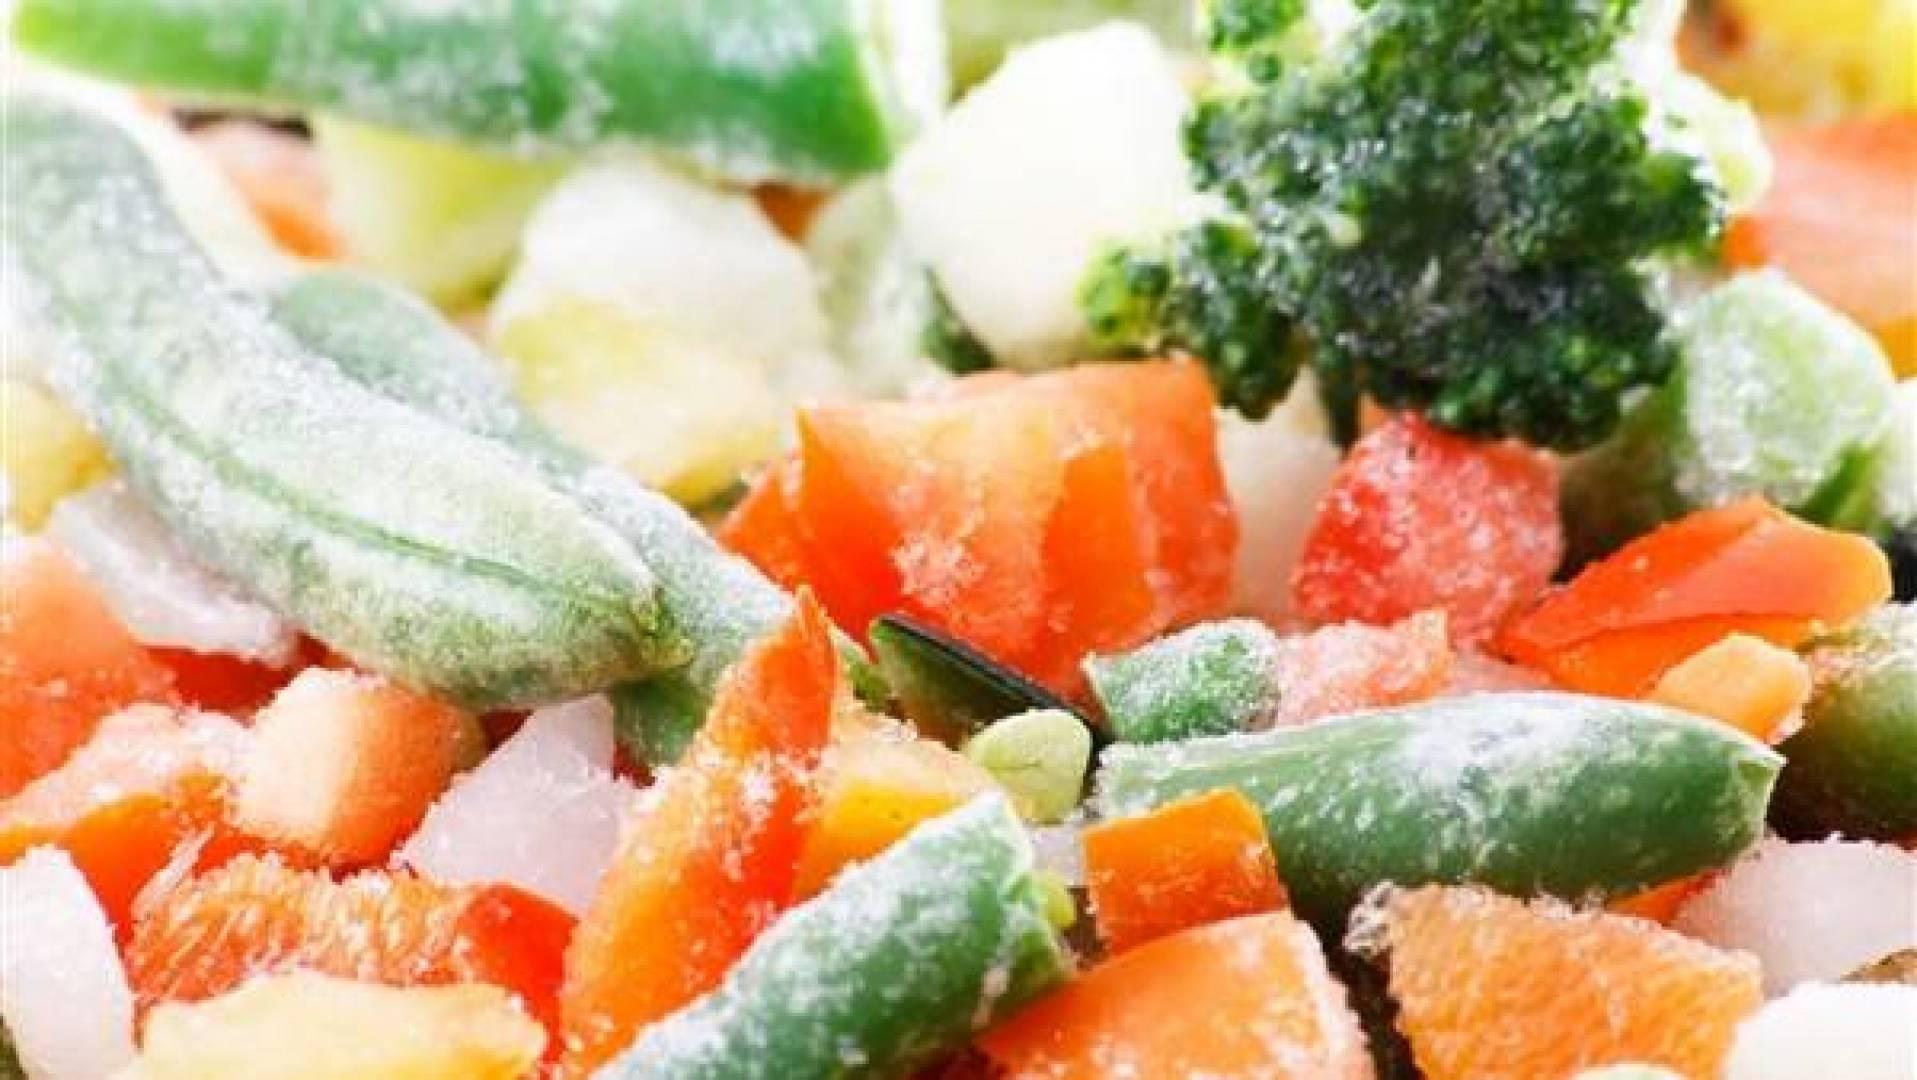 هيئة مكافحةالأمراض بالصين: الأغذية المجمدة تنقل فيروس «كورونا»